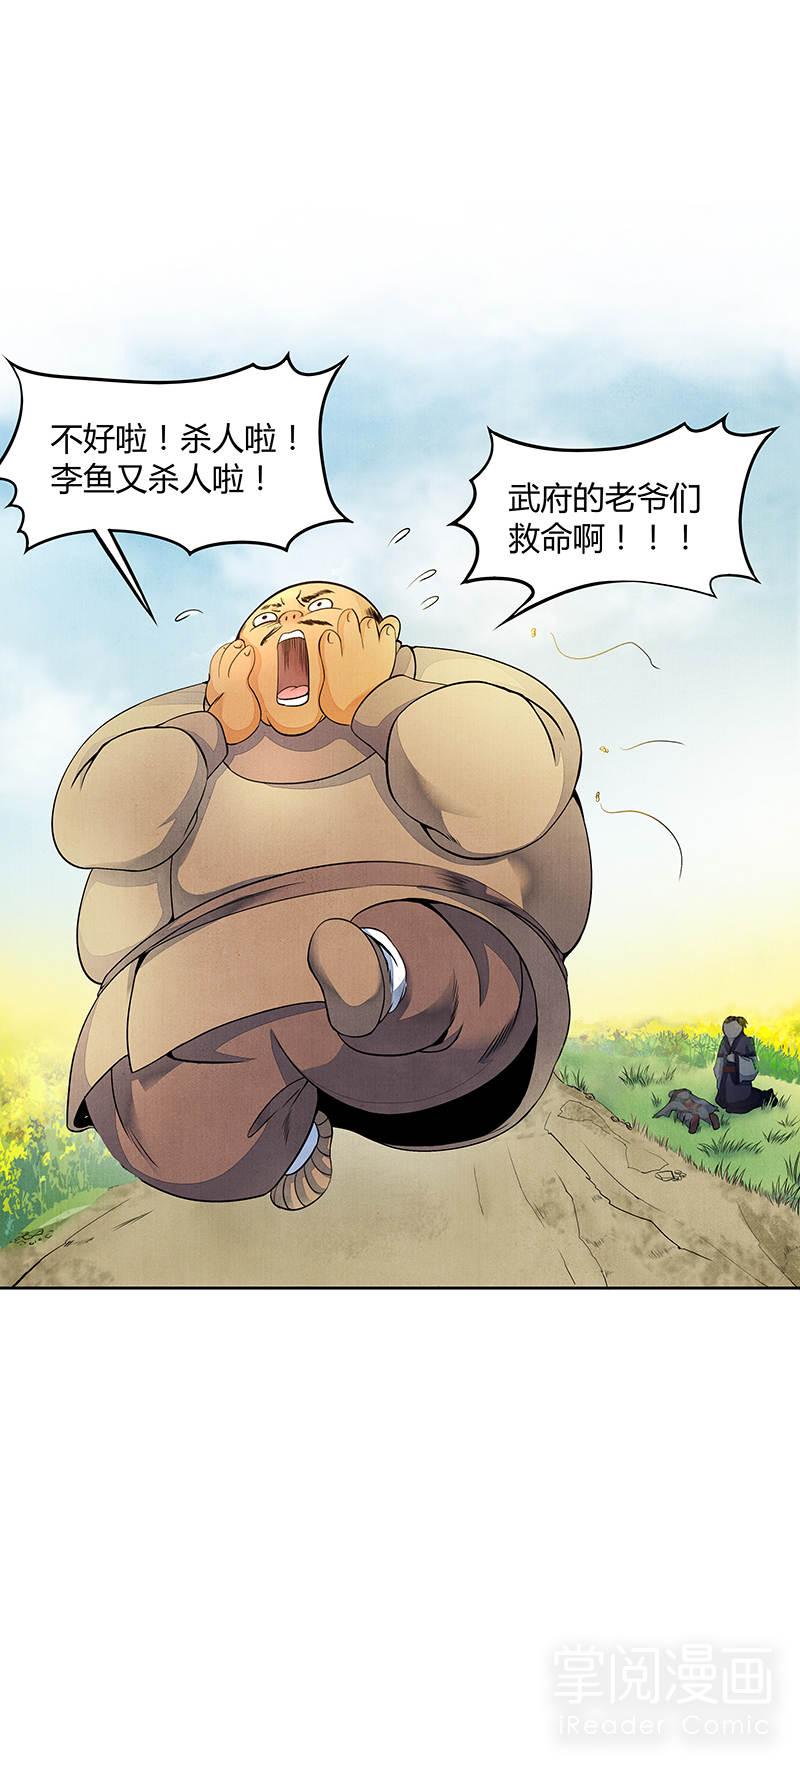 逍遥游第24话  屡战屡败终不悔 第 5